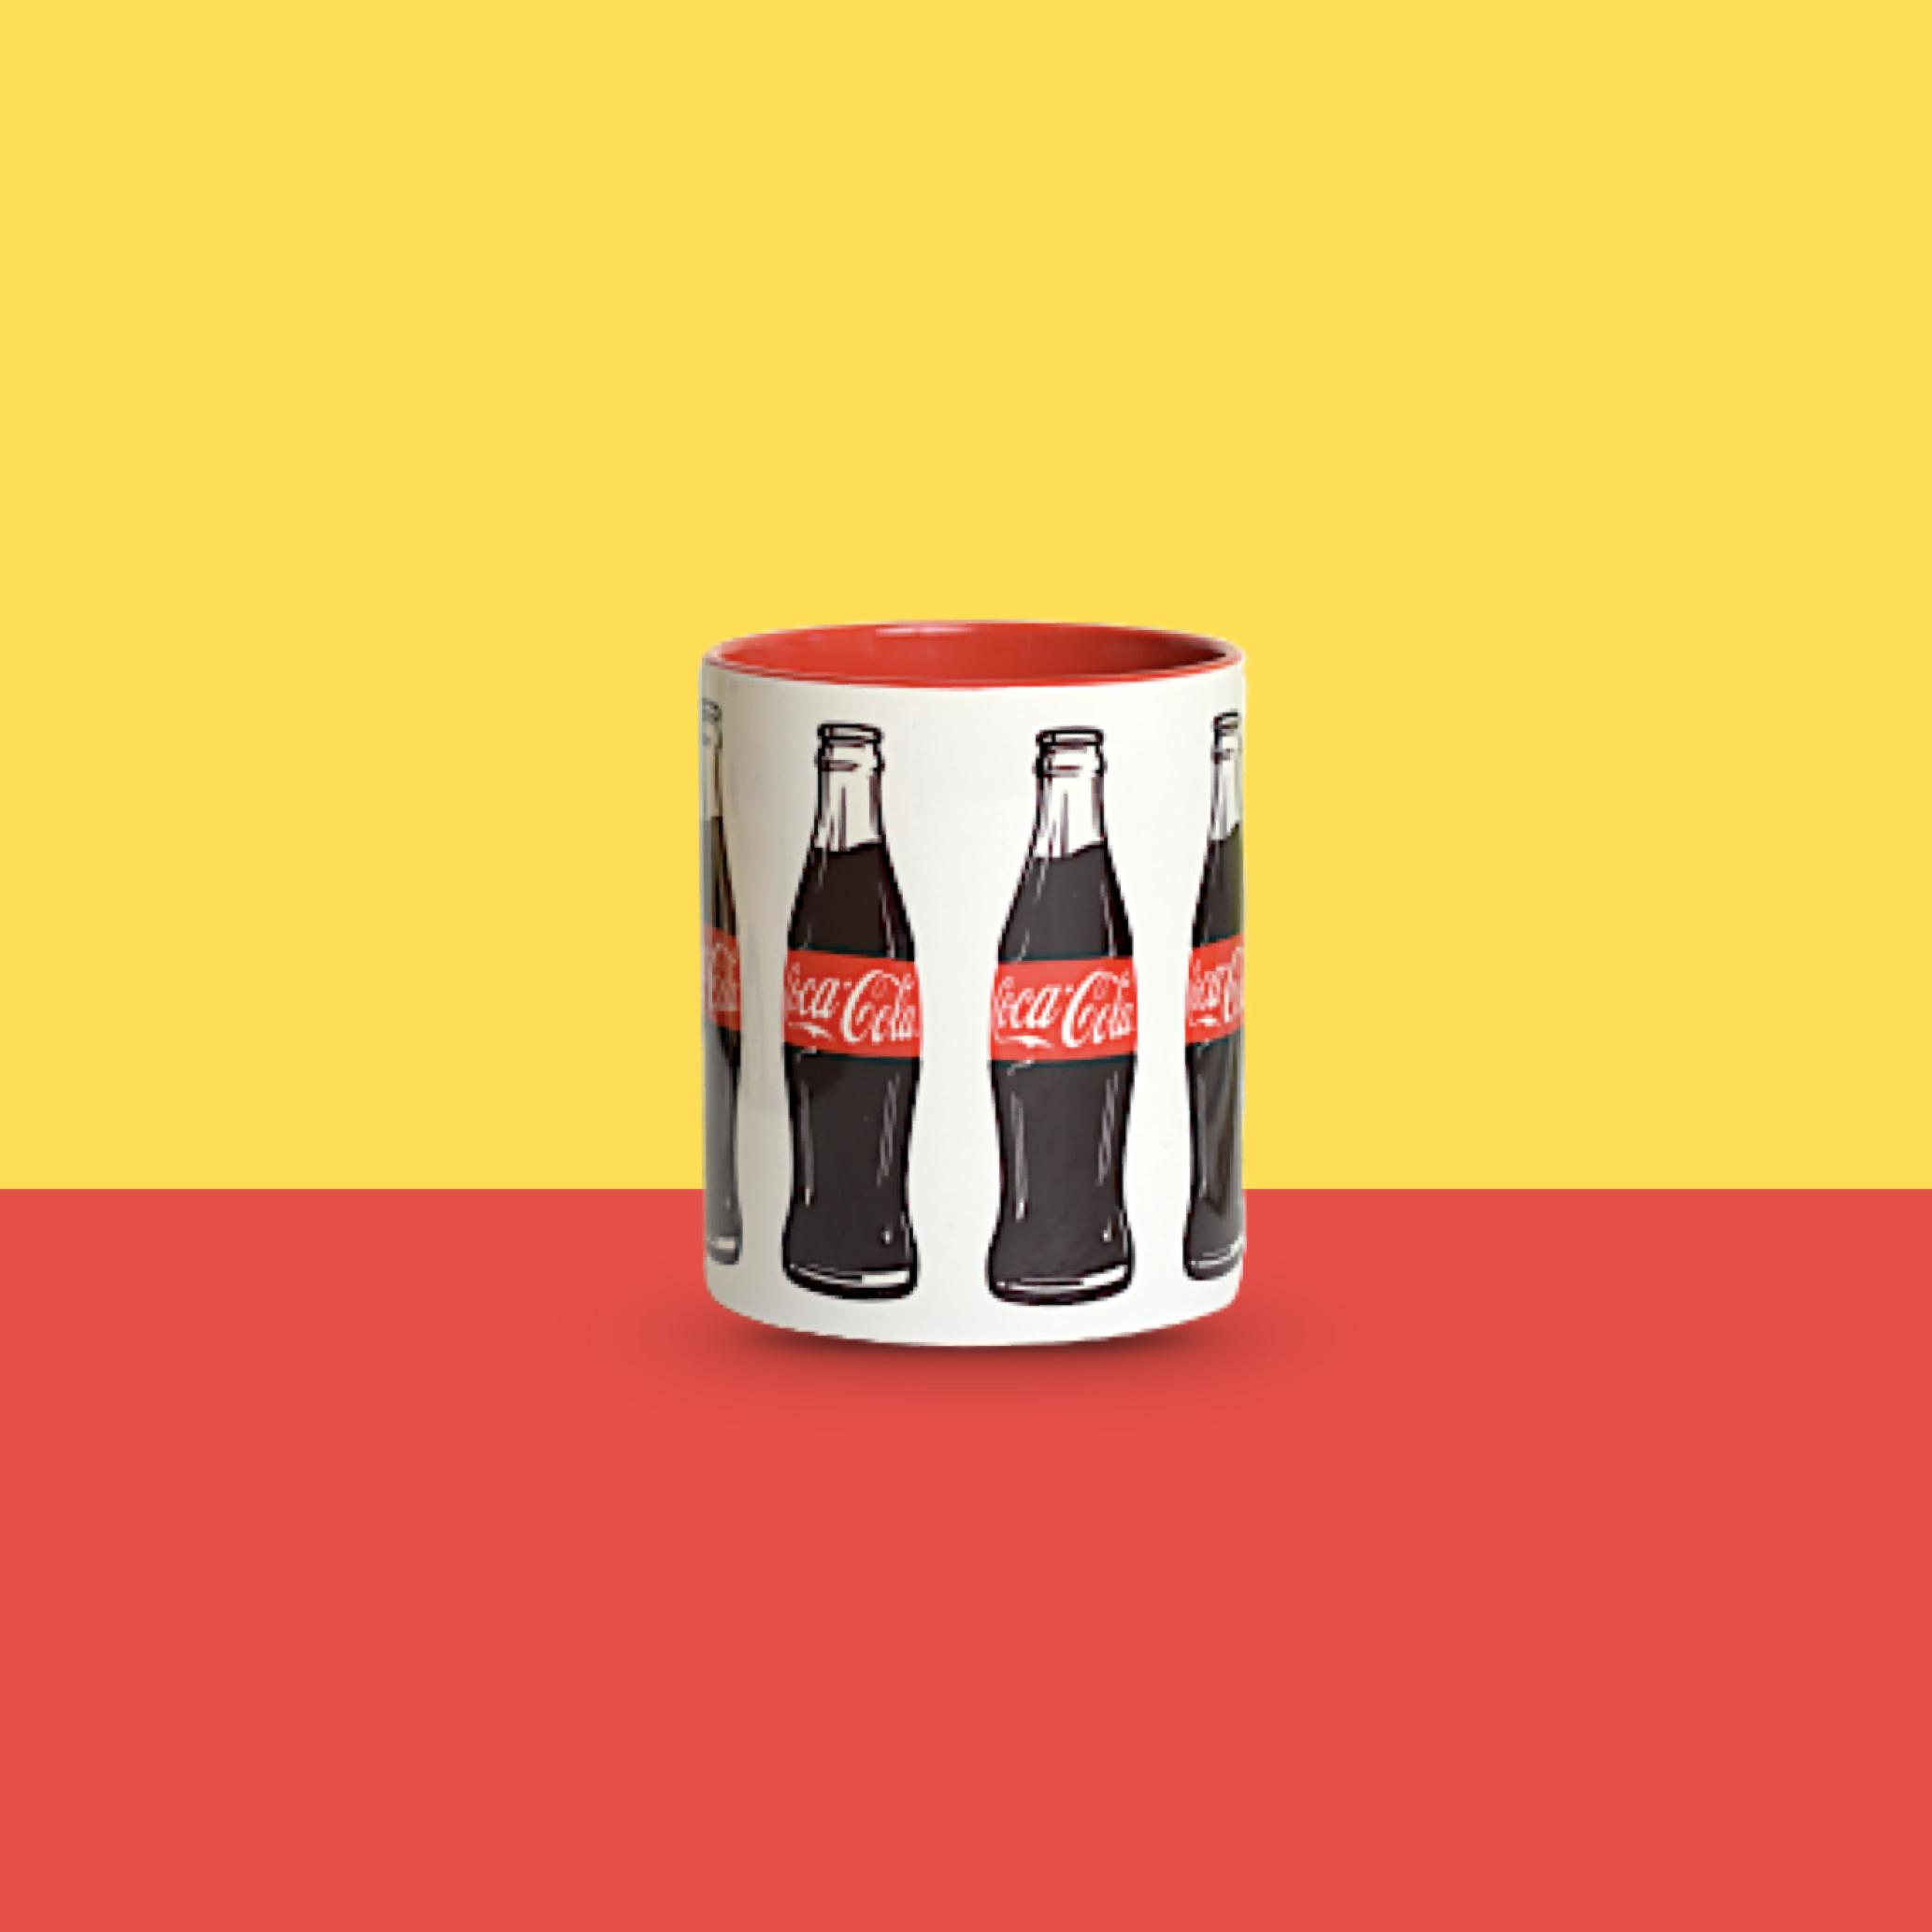 خرید ماگ فانتزی کوکاکولا